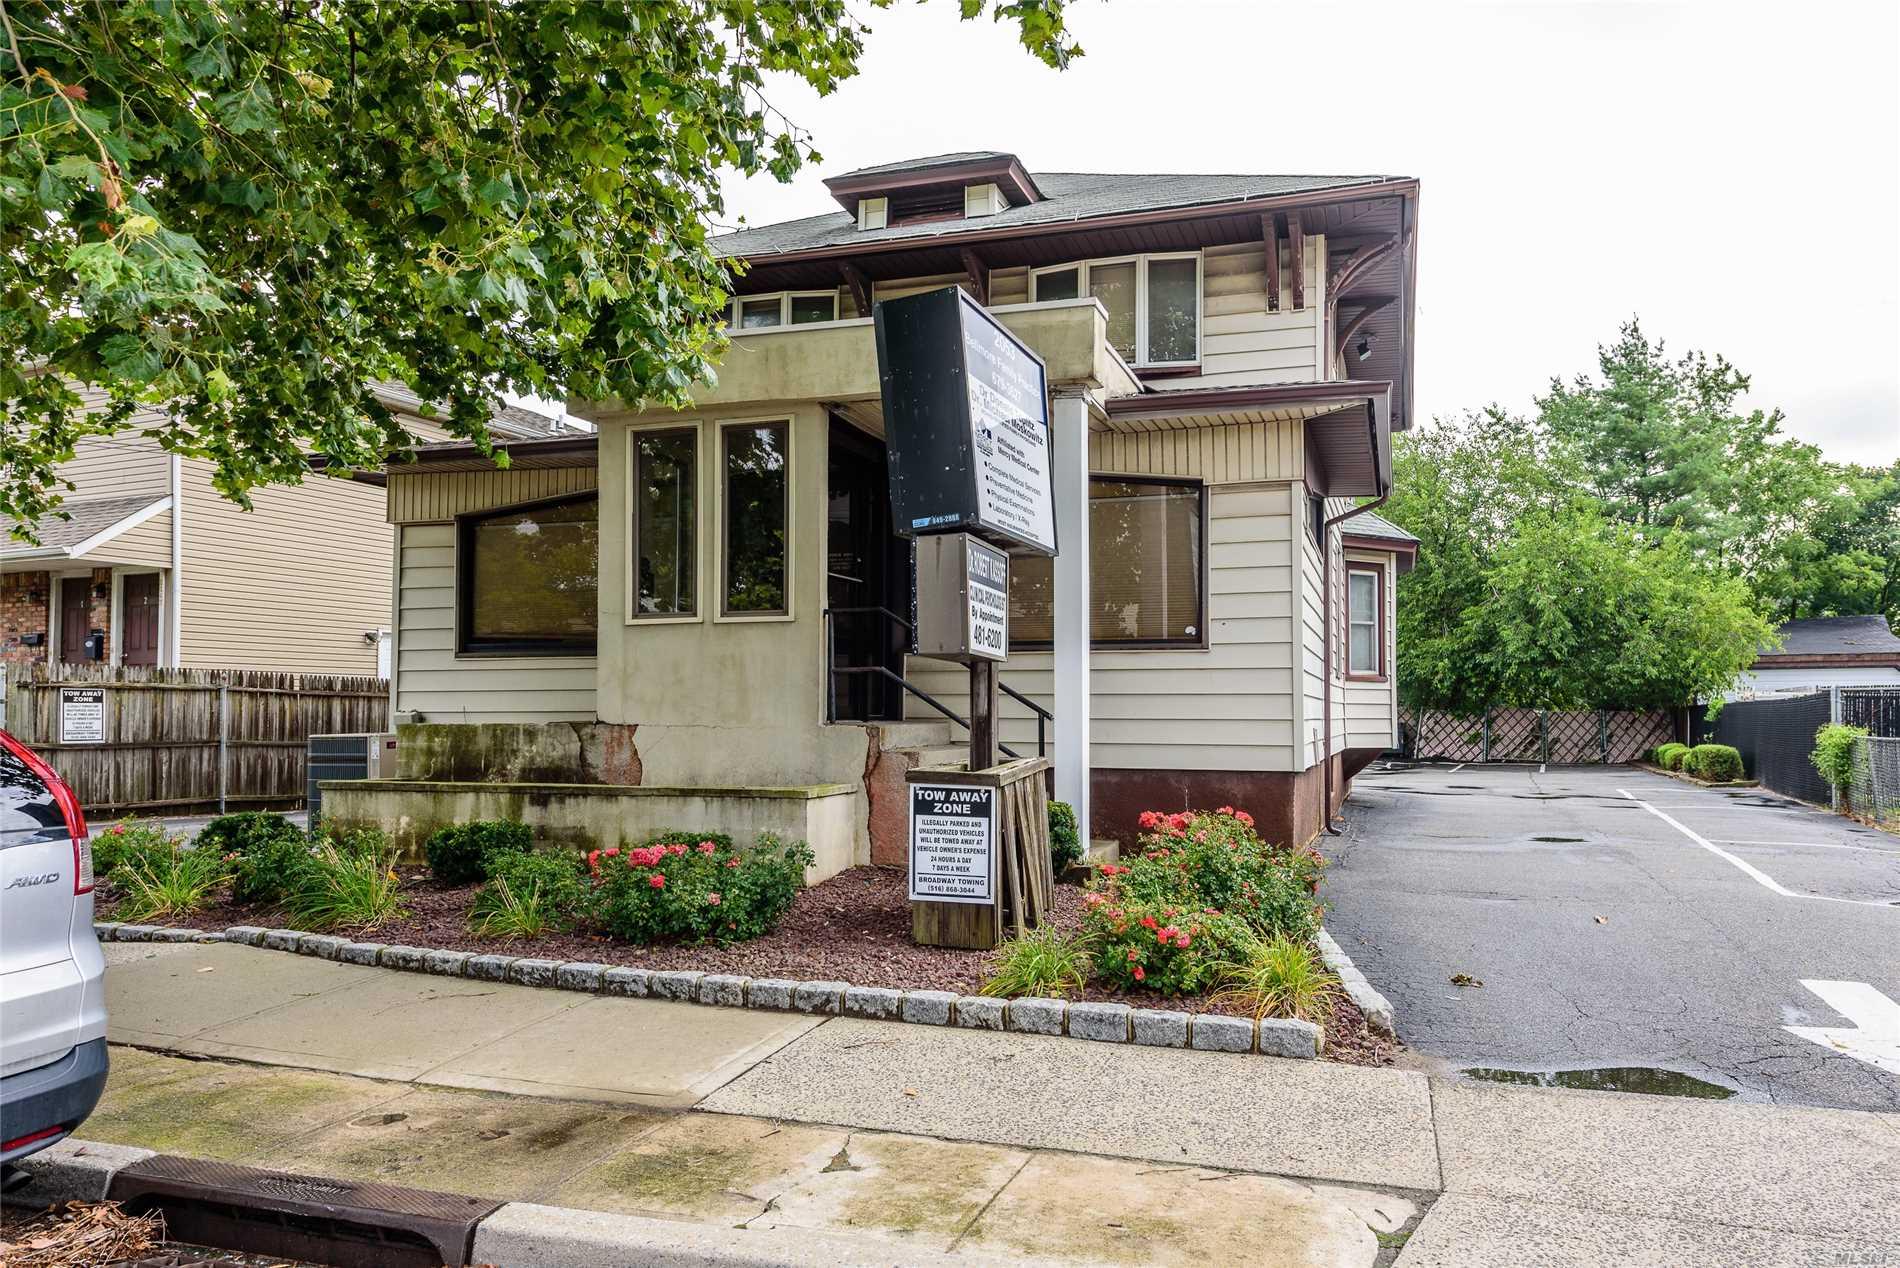 2053 Bellmore Ave - Bellmore, New York